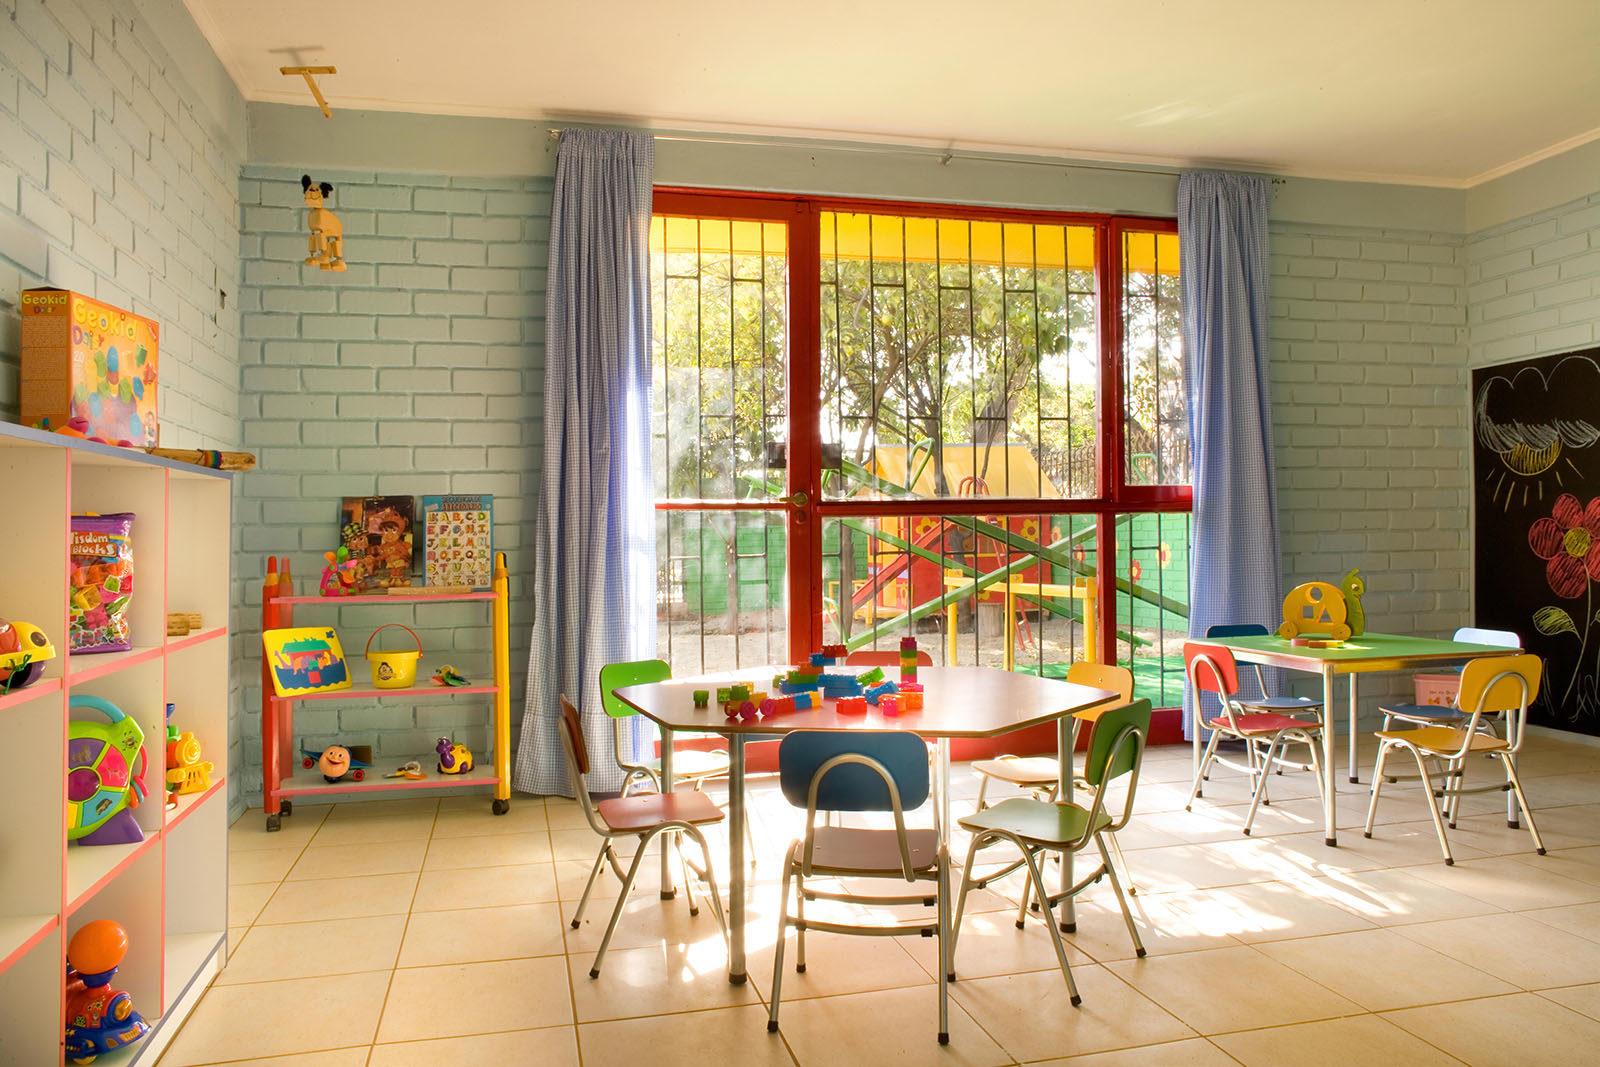 Meble w przedszkolu realnie wpływają na komfort dziecka